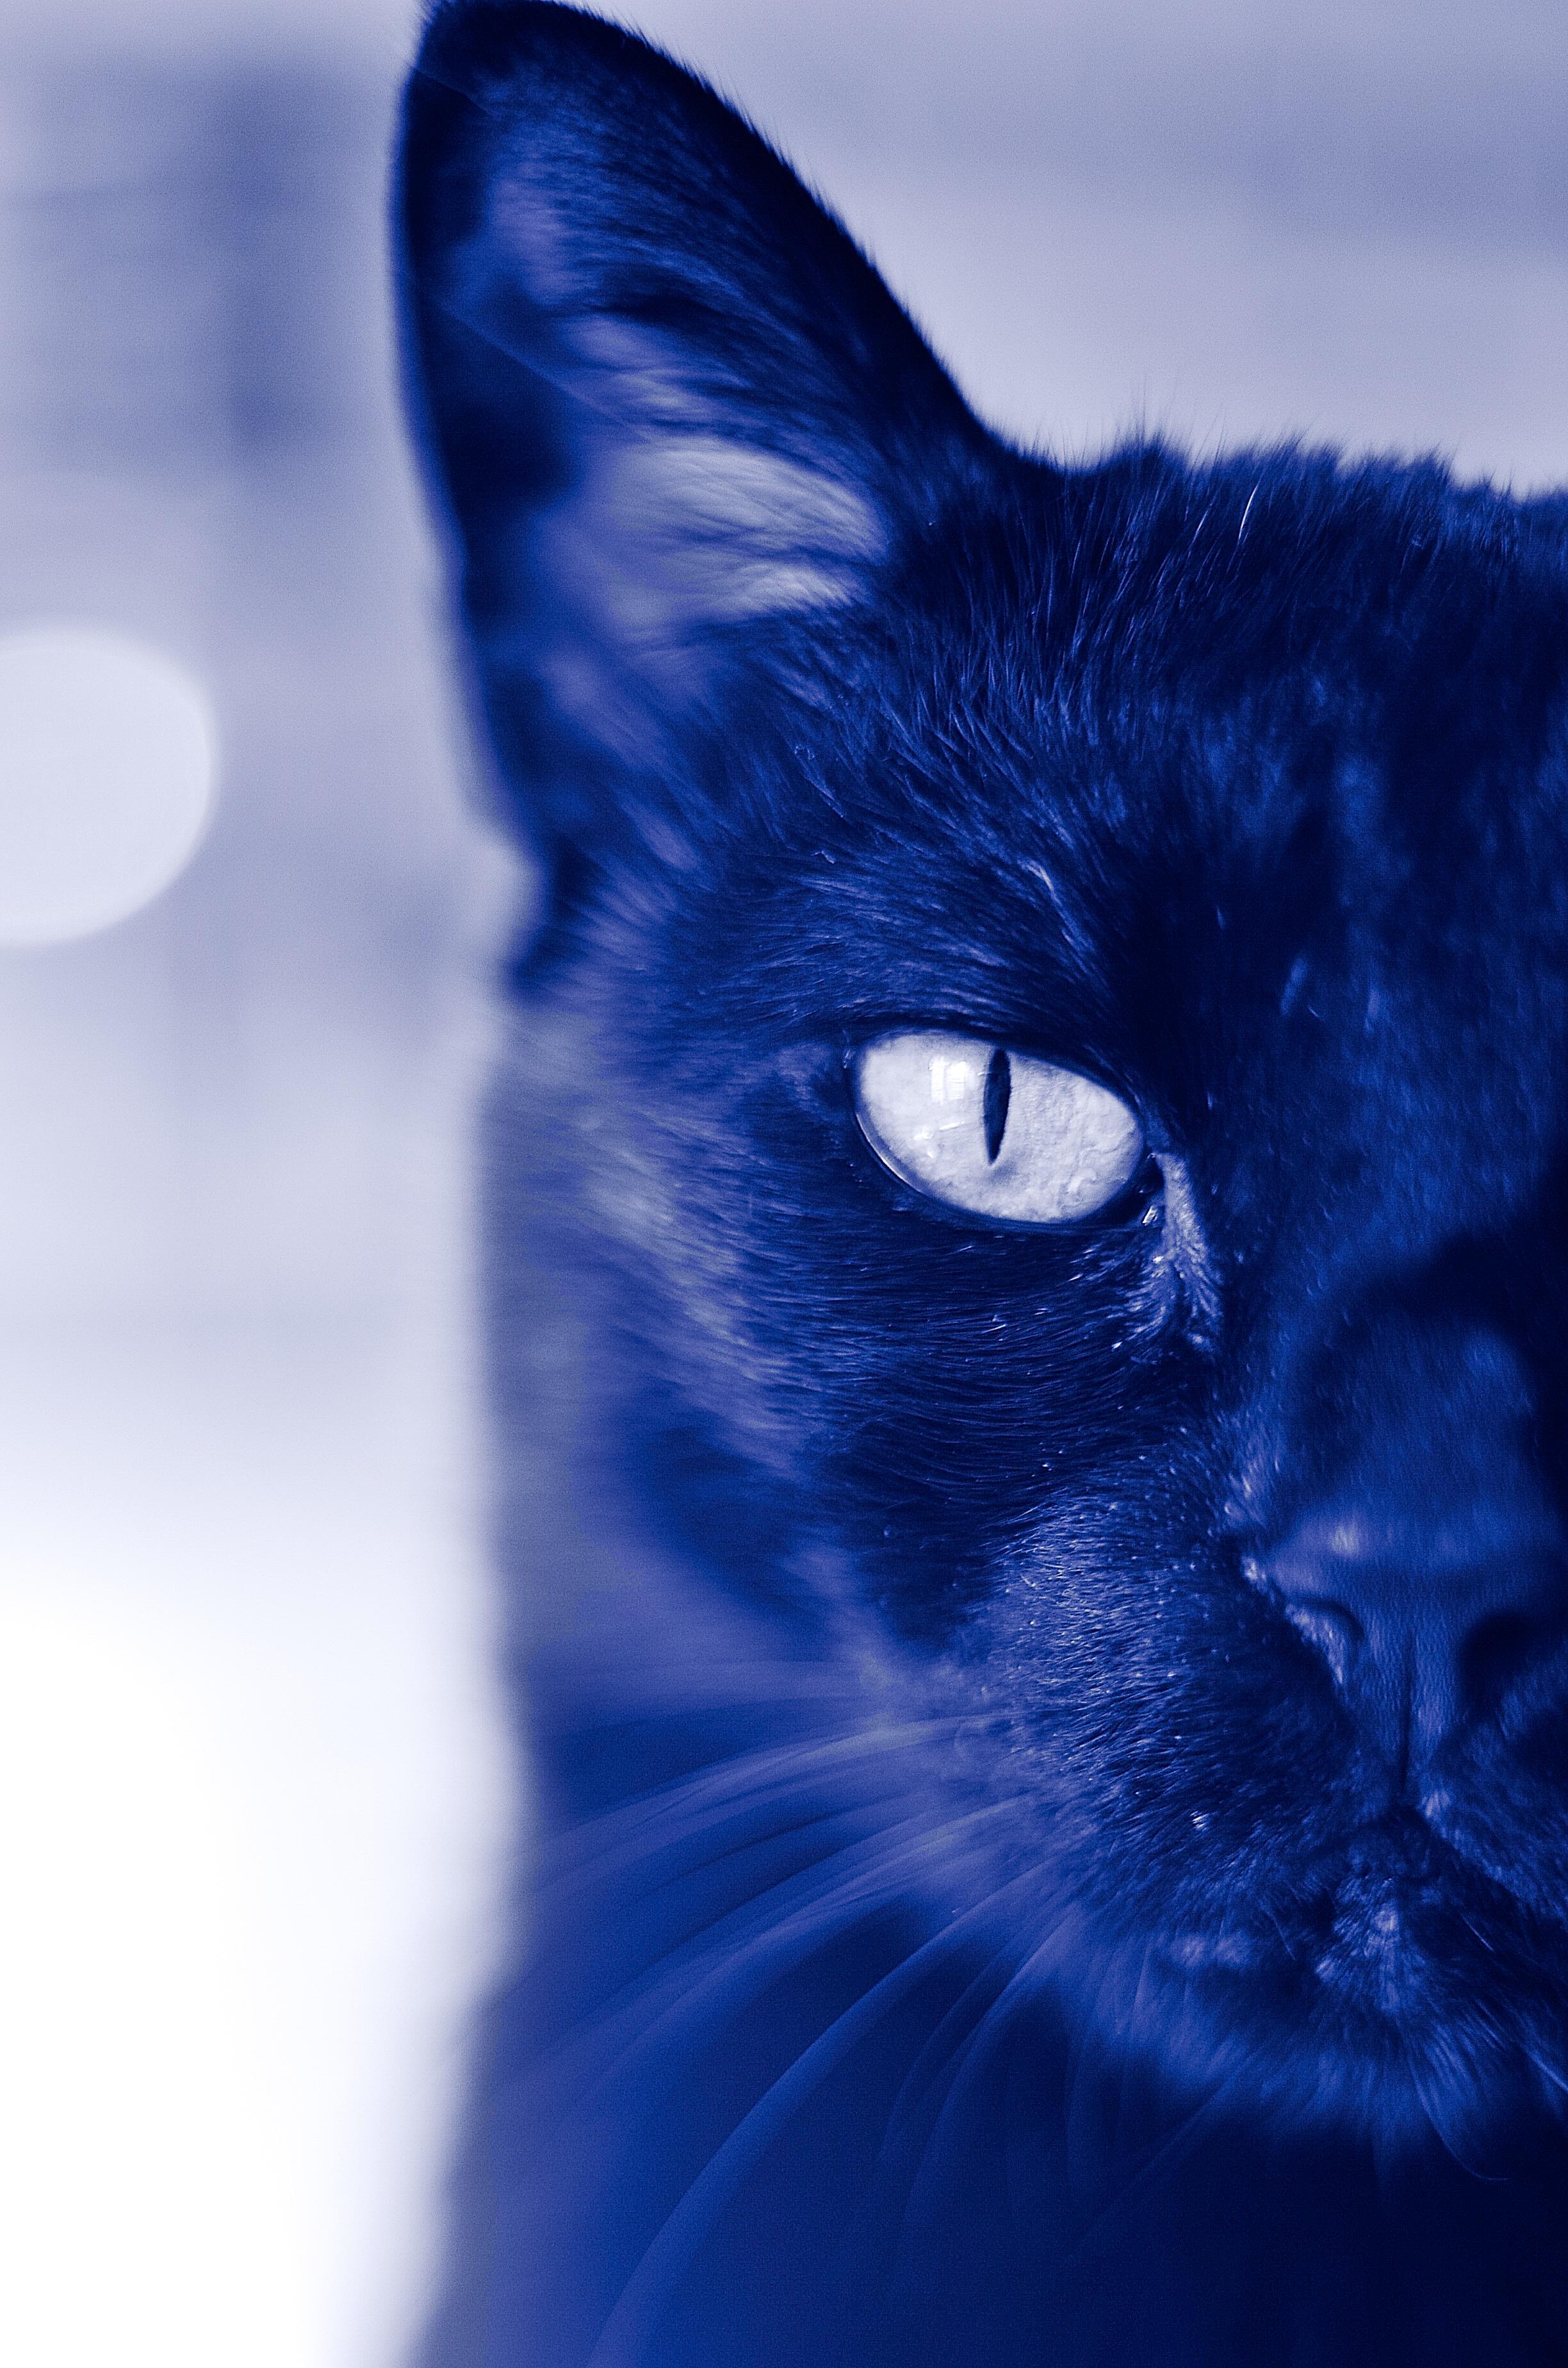 7516a16fad Bokeh gatito gato mamífero azul gato negro Nikon negro de cerca de cerca  nariz bigotes gratis